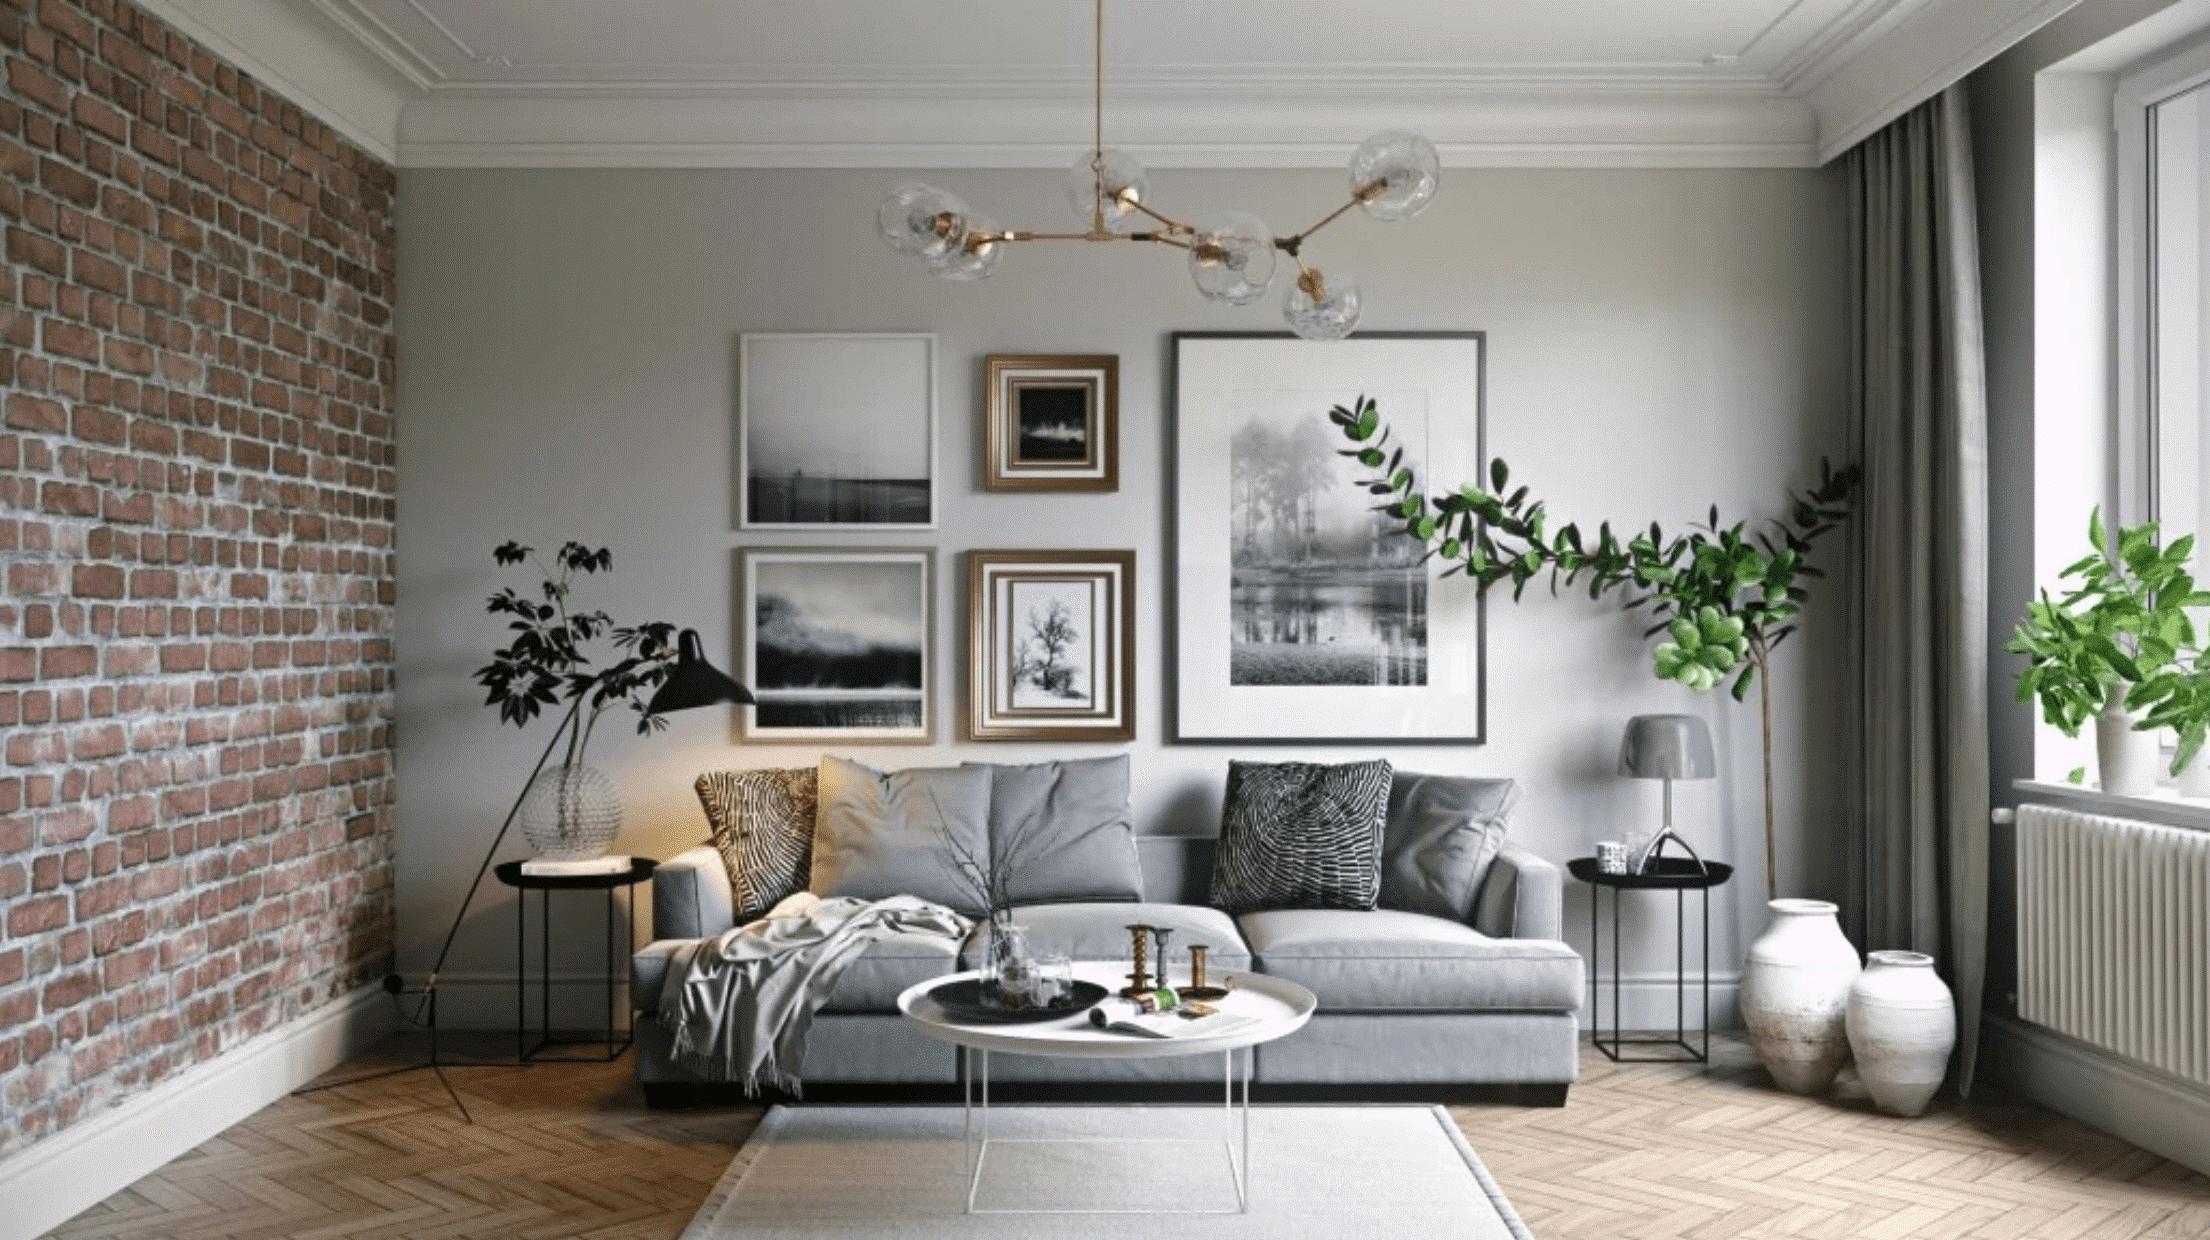 تابلو در طراحی داخلی